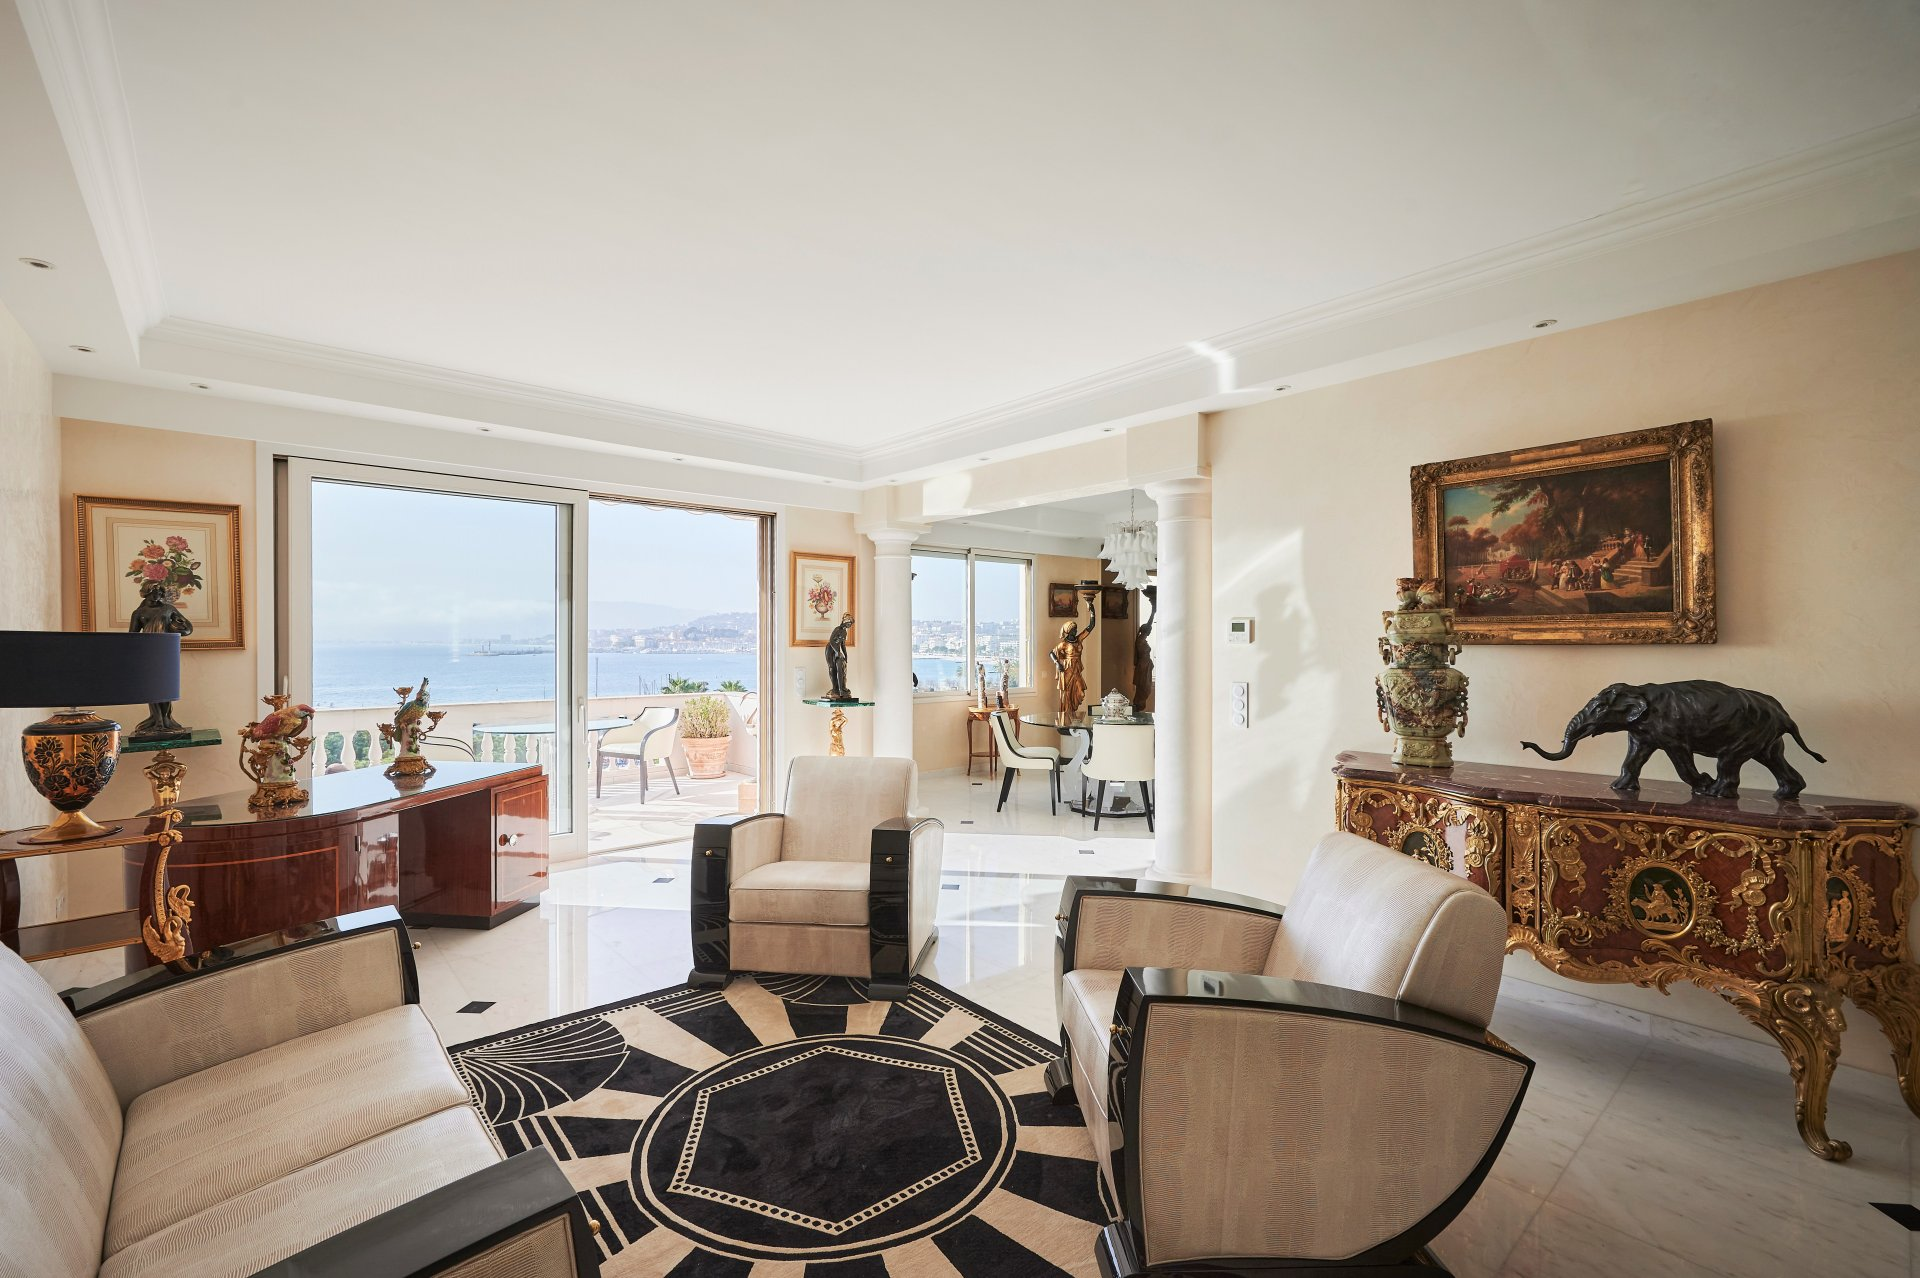 A vendre - Penthouse en duplex avec terrasse de 80m² et vue mer panoramique -  Croisette